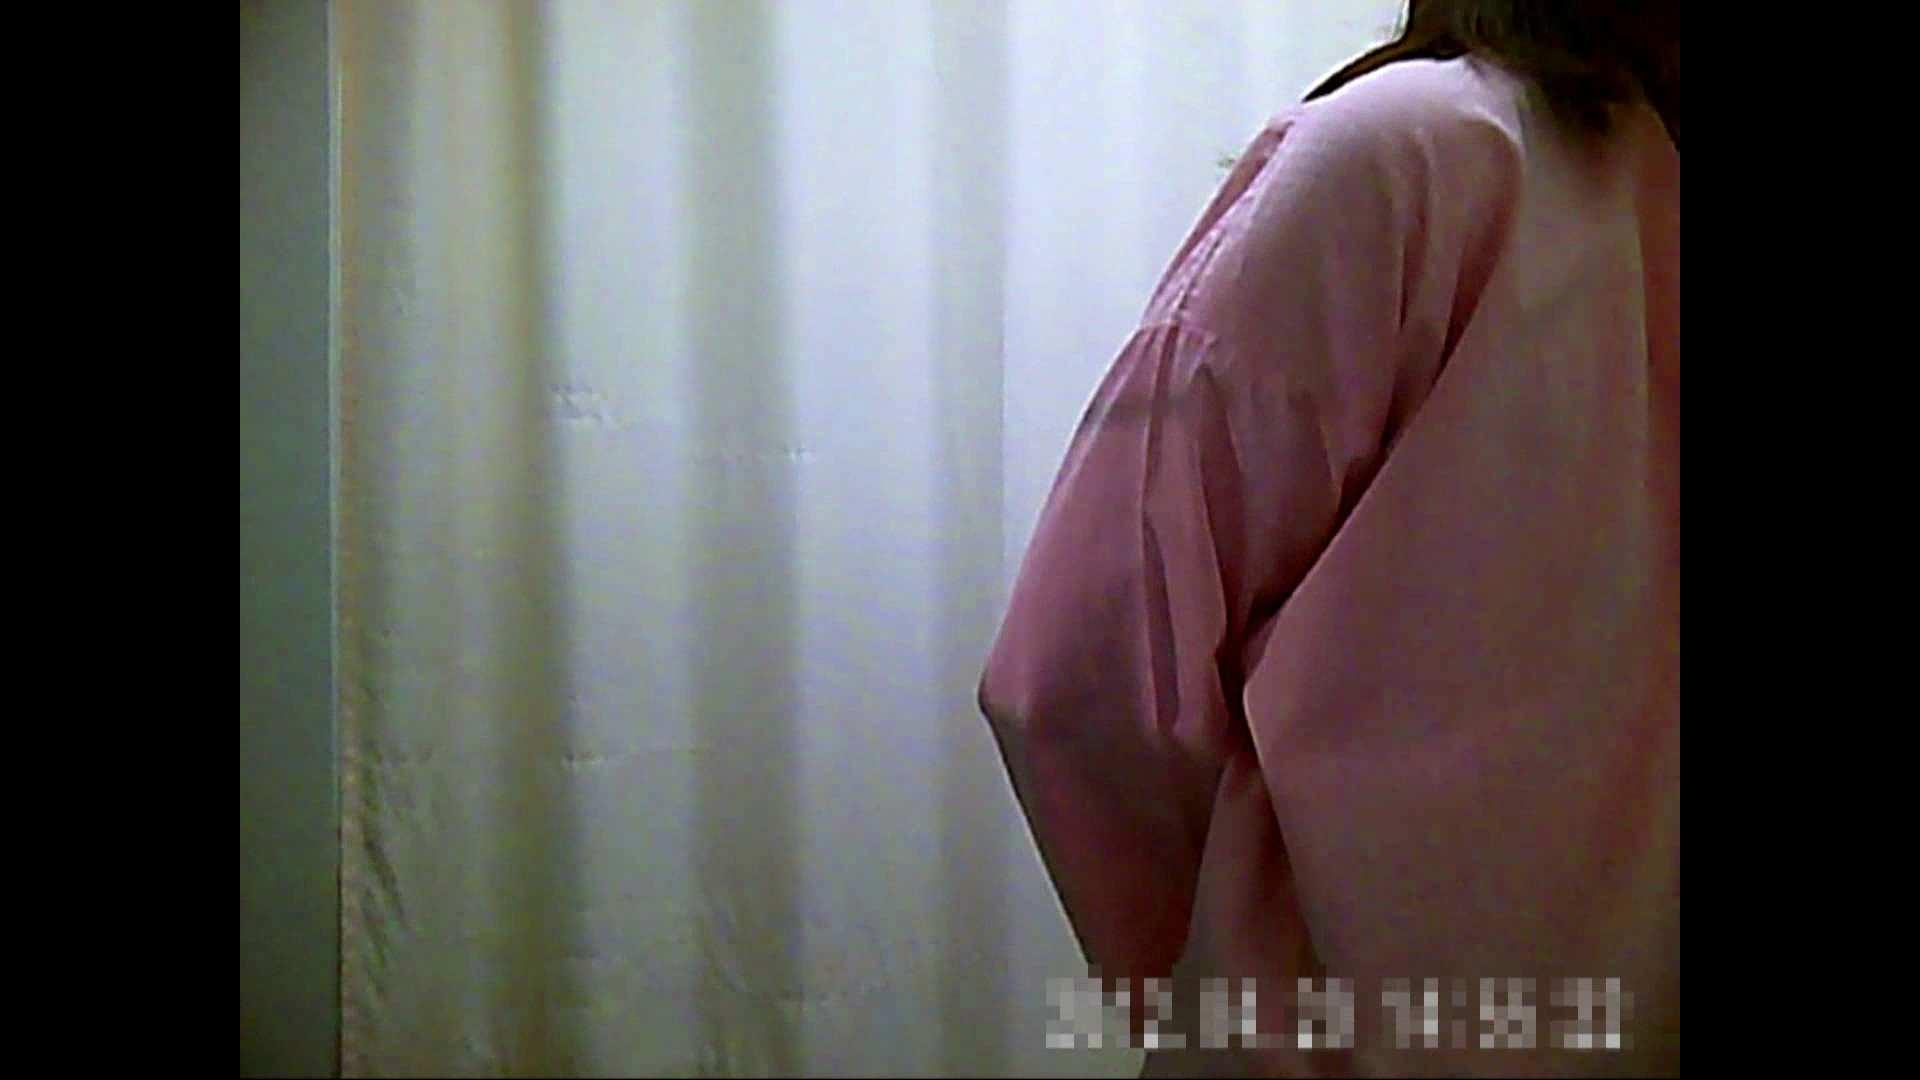 元医者による反抗 更衣室地獄絵巻 vol.013 OLのボディ | 0  107PIX 29